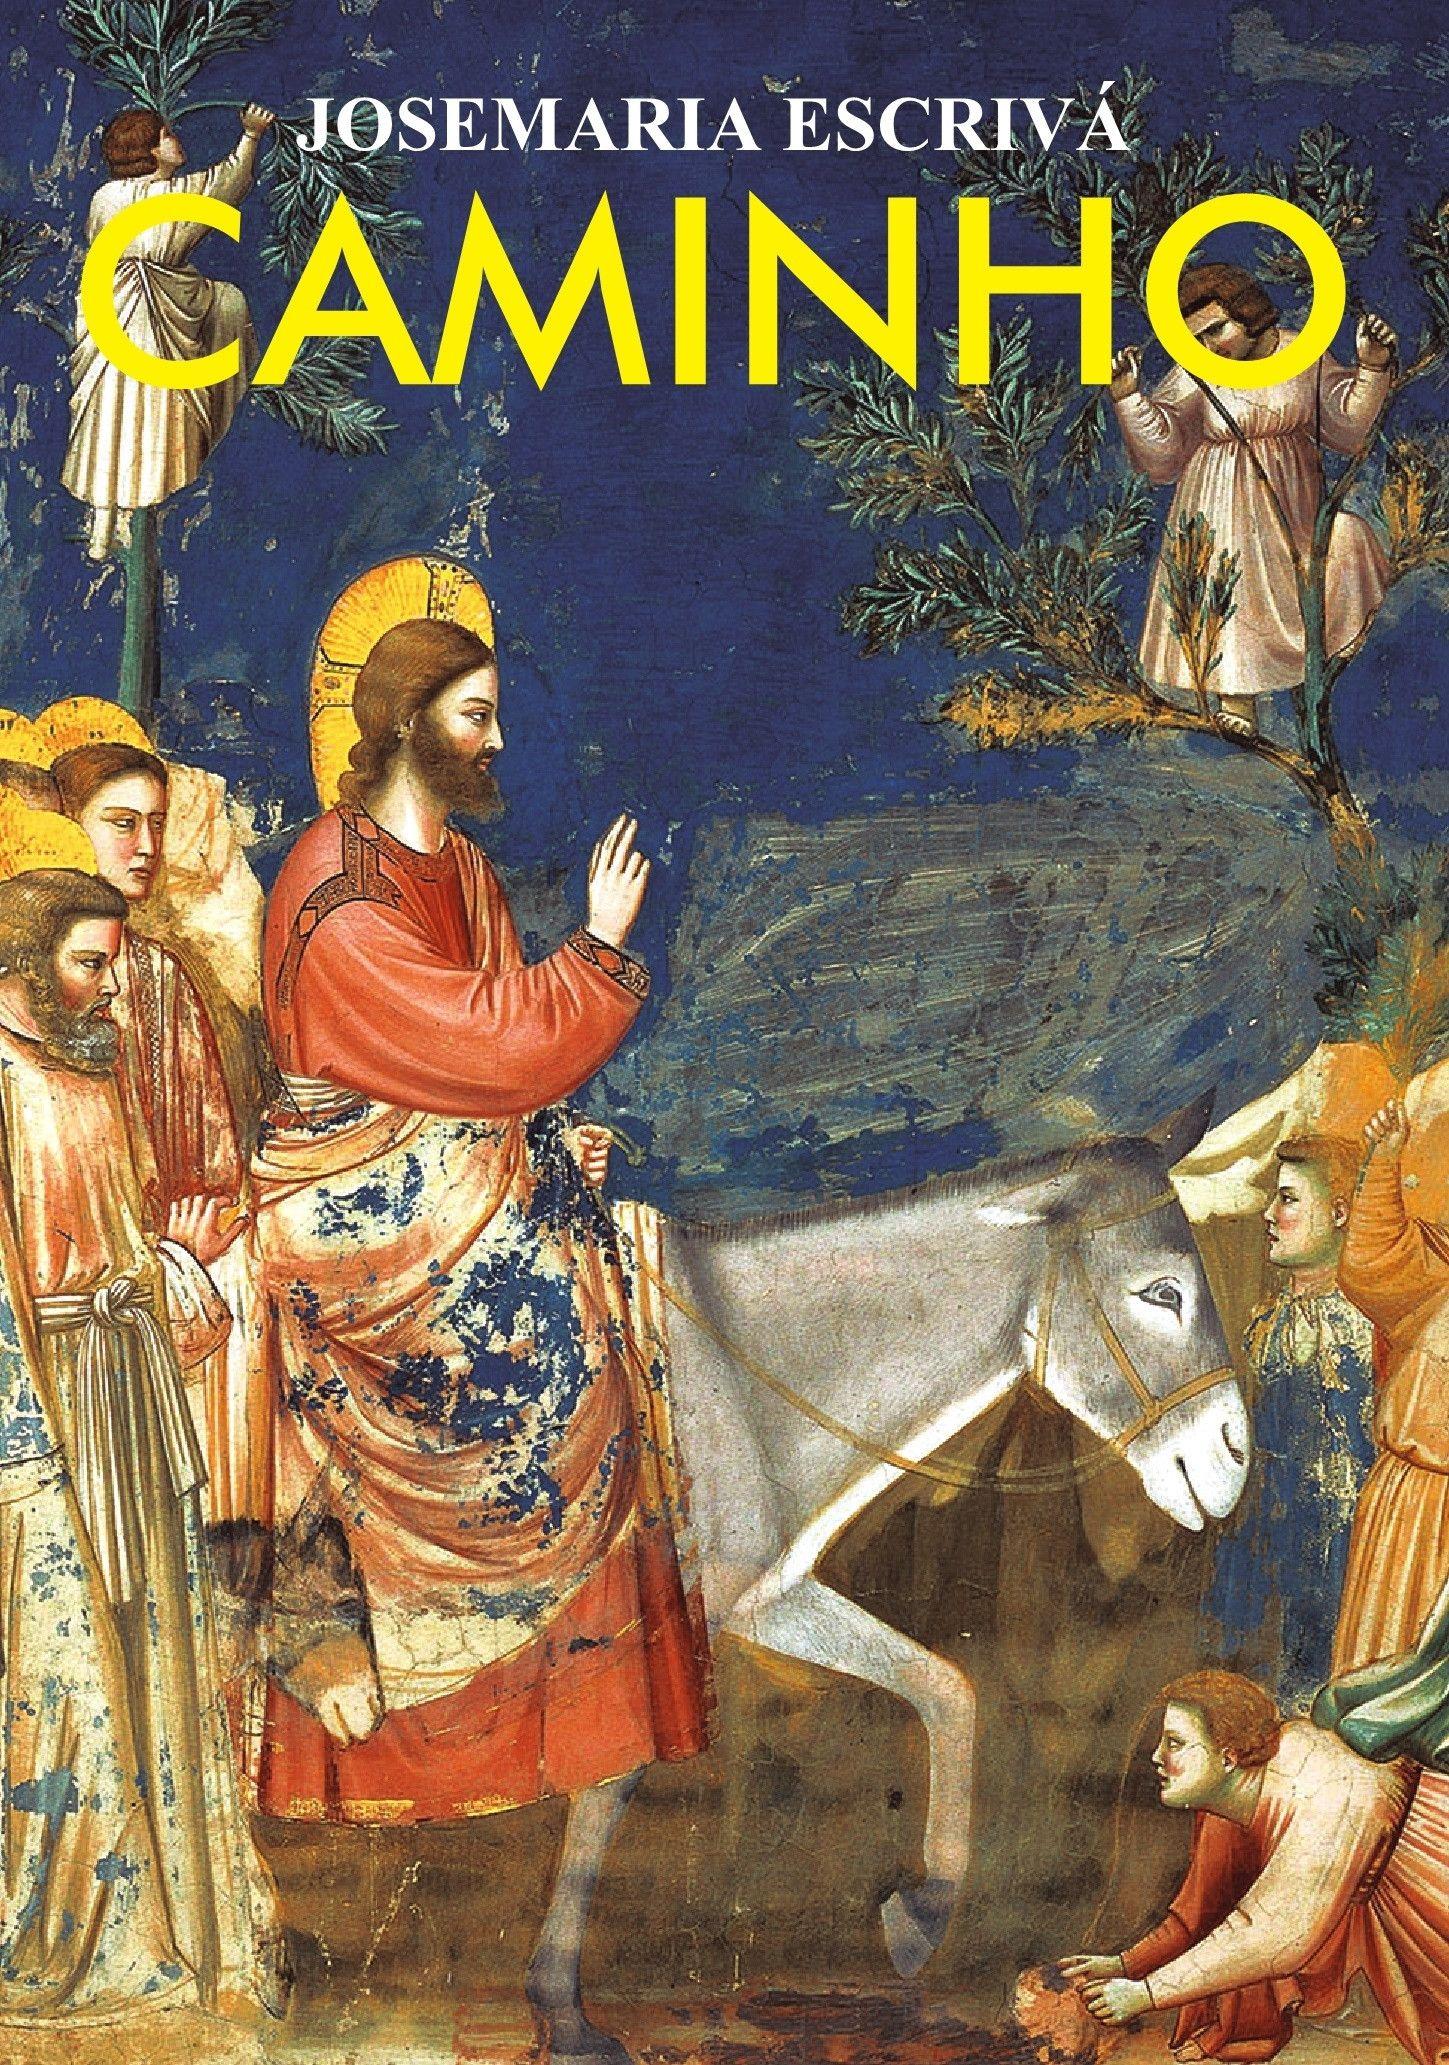 Livro Caminho - 12 edição